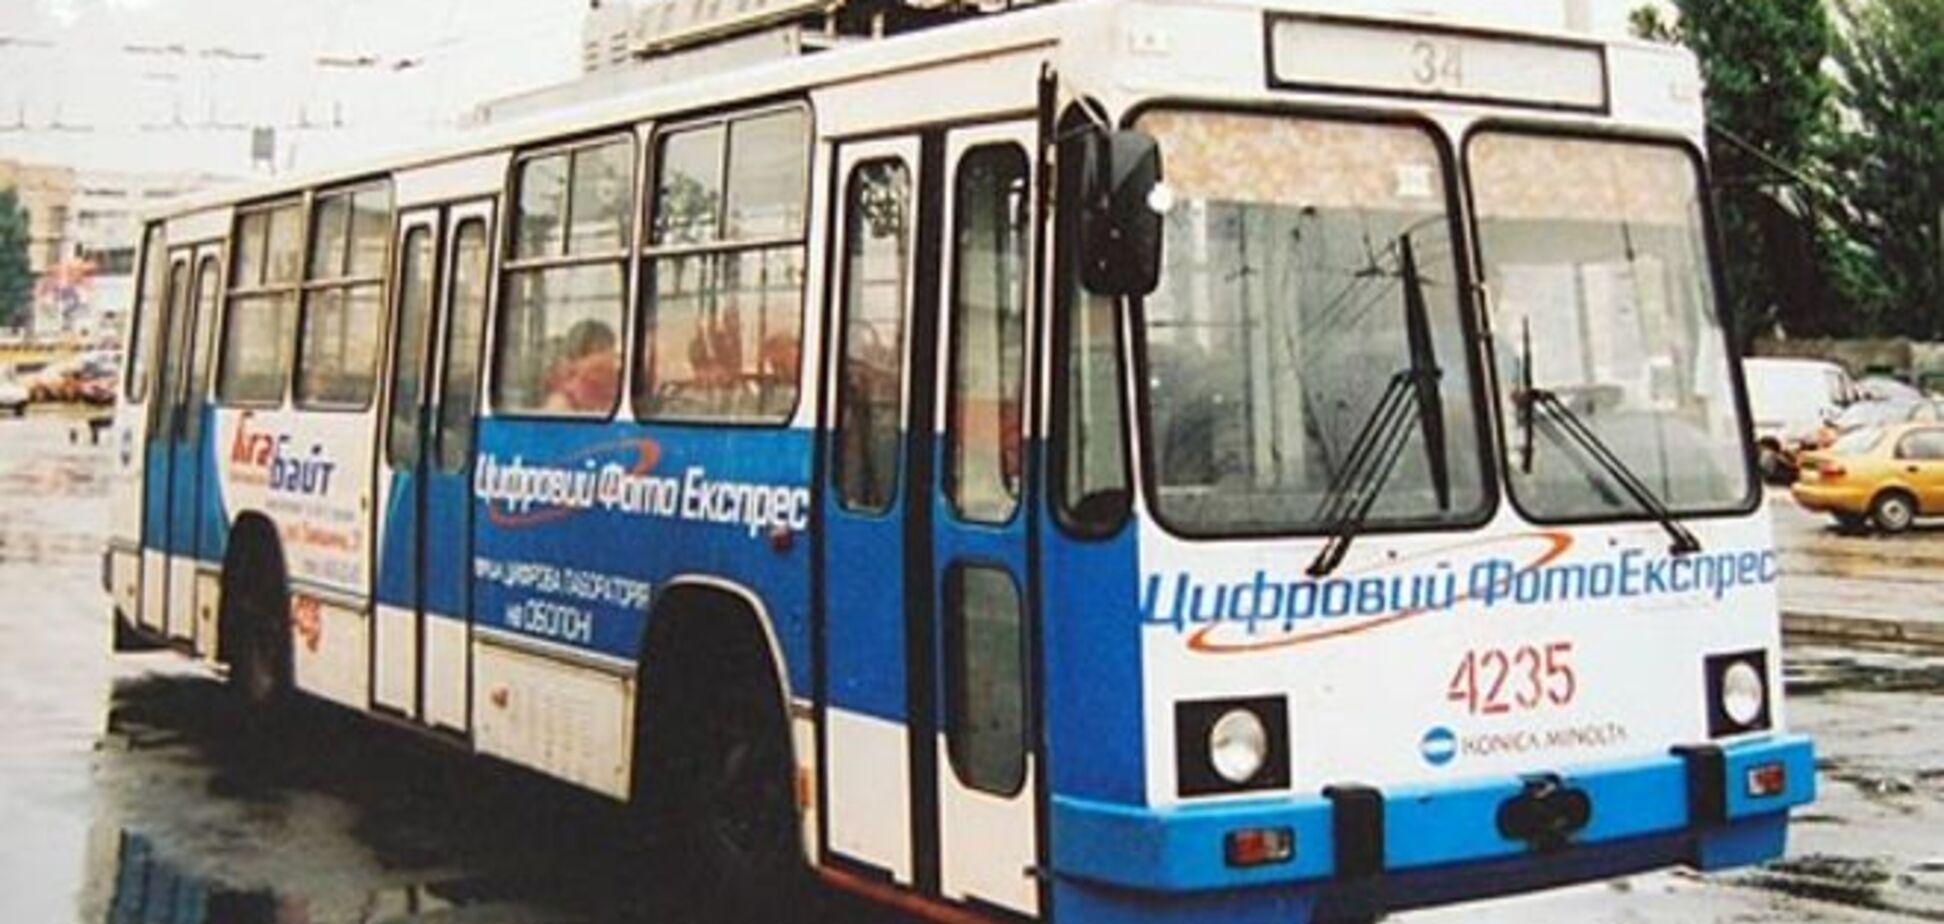 'Вбивця! Бандера!' У Дніпропетровську з тролейбуса виштовхали бійця АТО